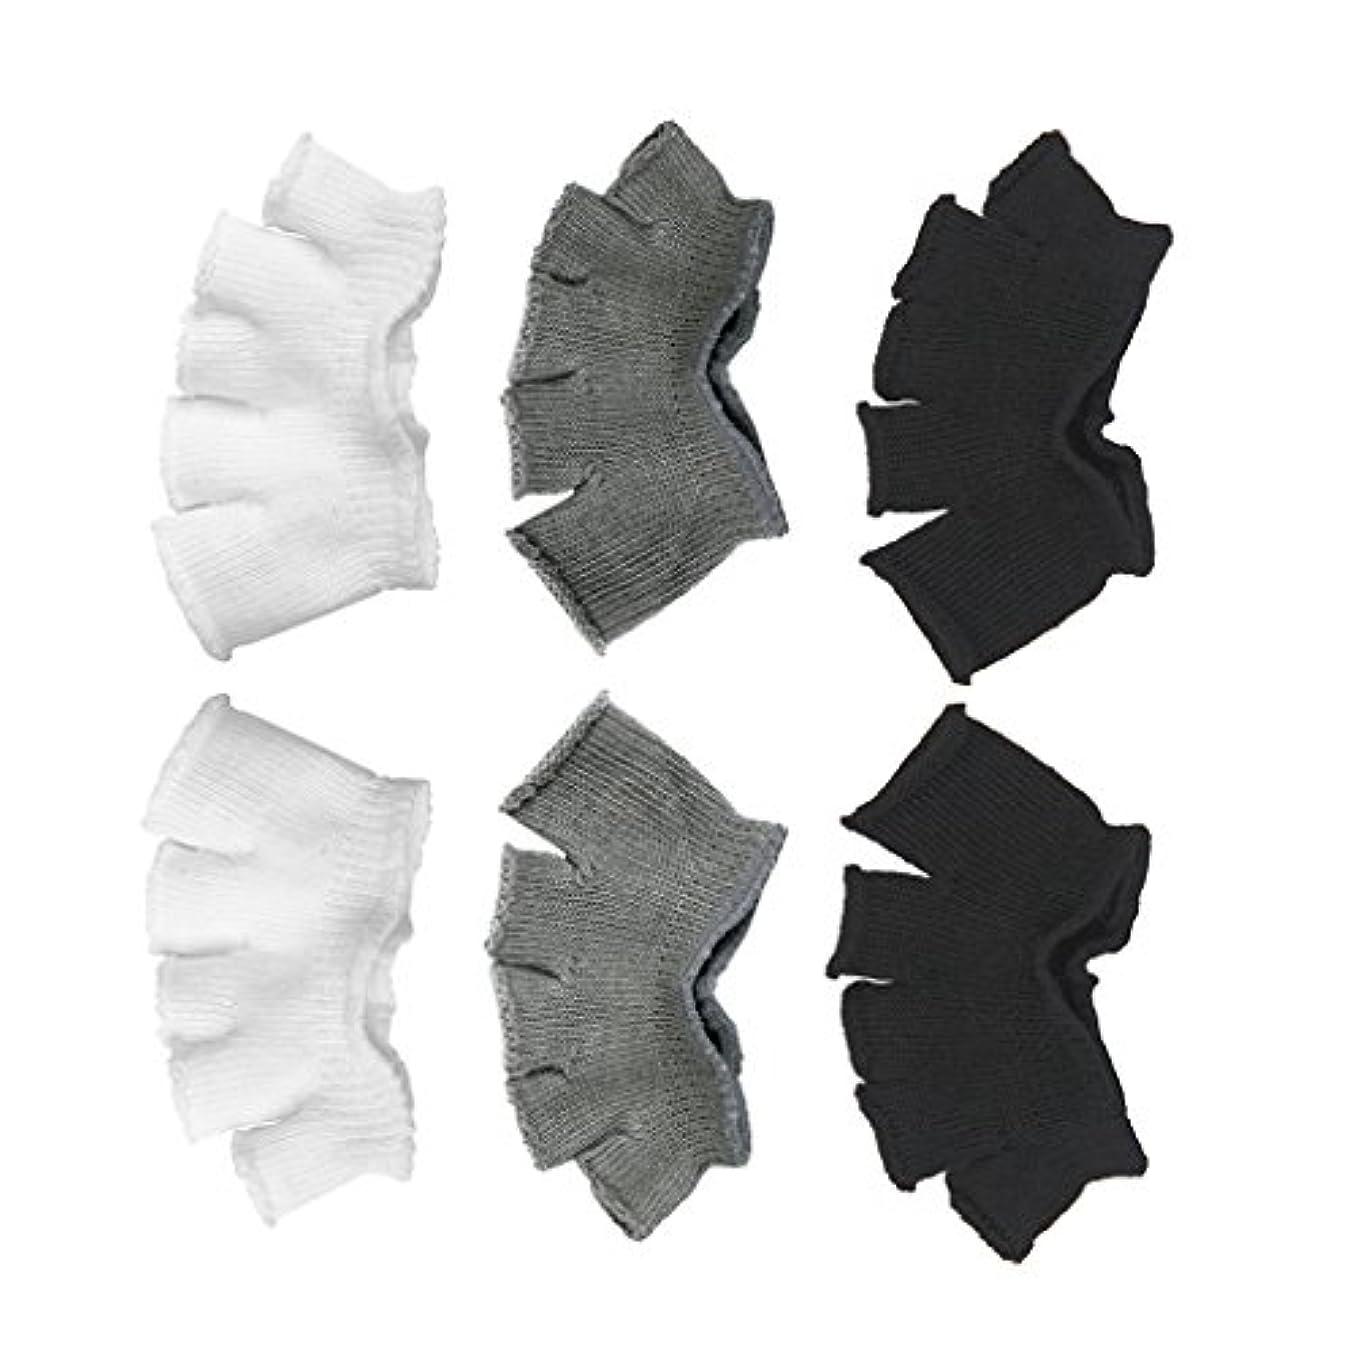 モートコイルコミュニティFootful 5本指カバー 爽快指の間カバー 3色(12枚入) 6ペア 男女兼用 足の臭い対策 抗菌 防臭 フットカバー ブラック/ホワイト/グレー